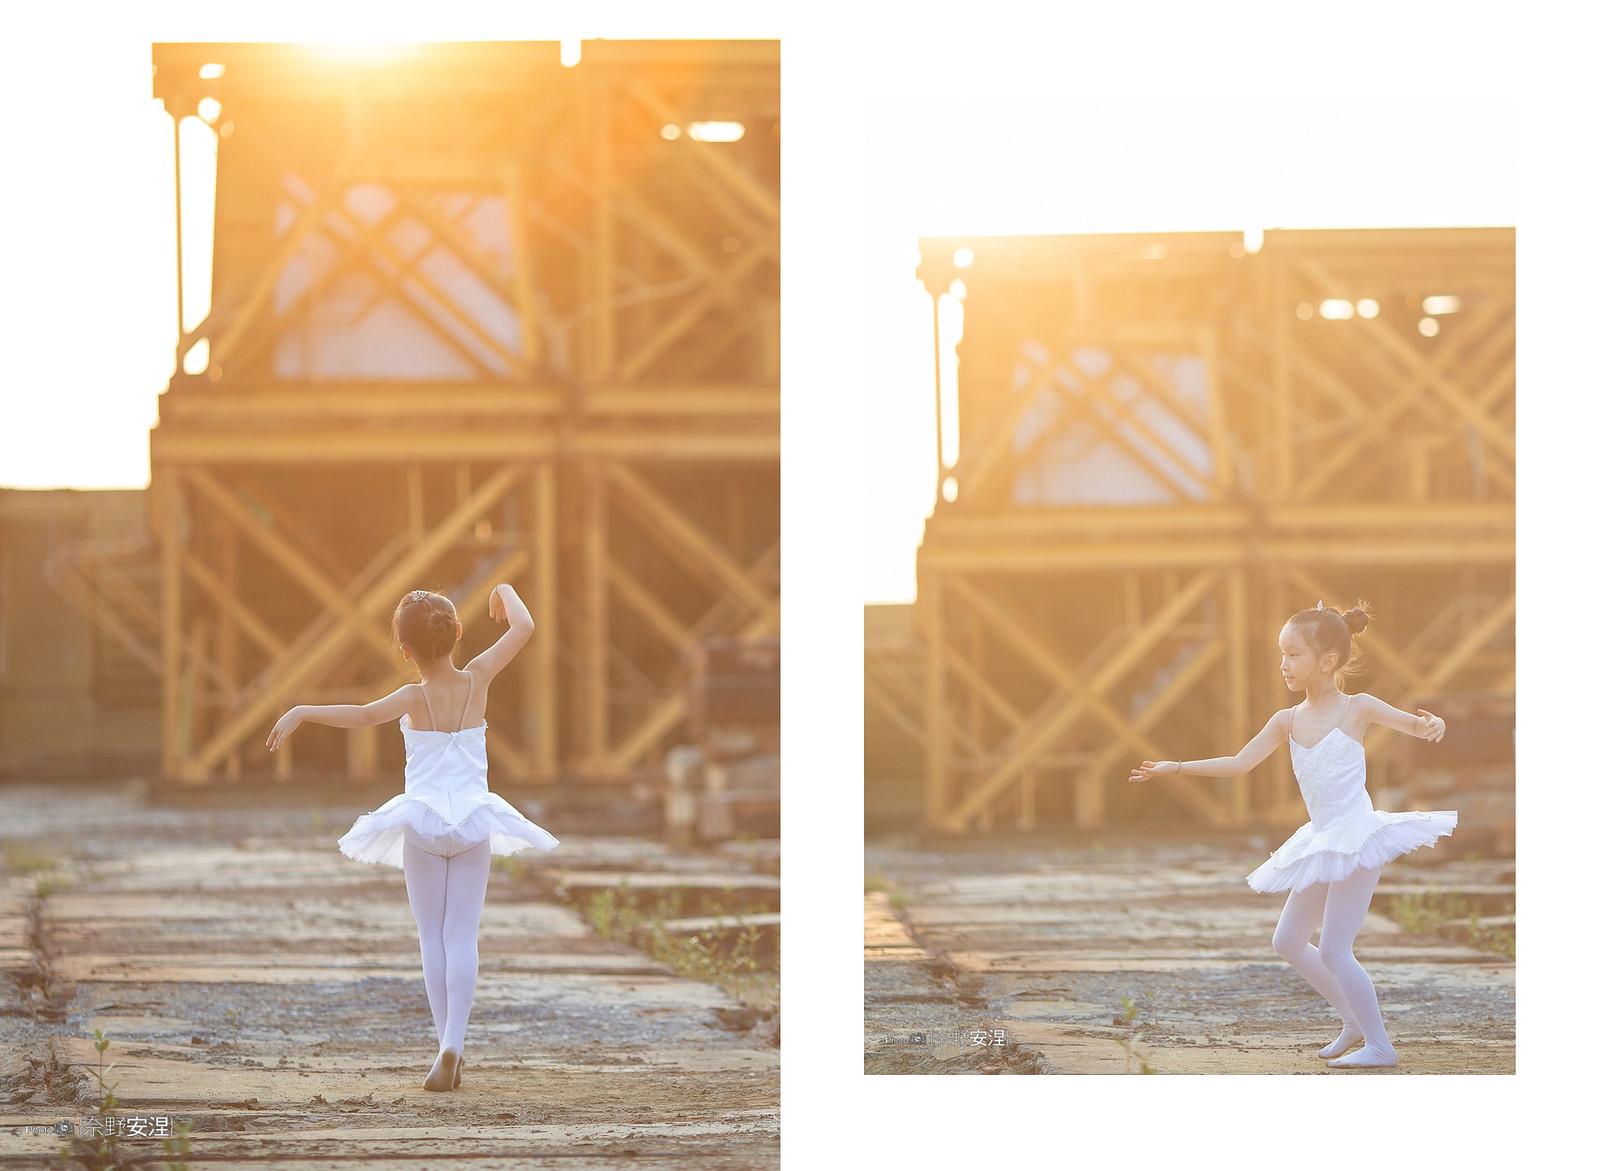 芭蕾 MIX 工業風 | 跟著攝影師去拍照 6 -13